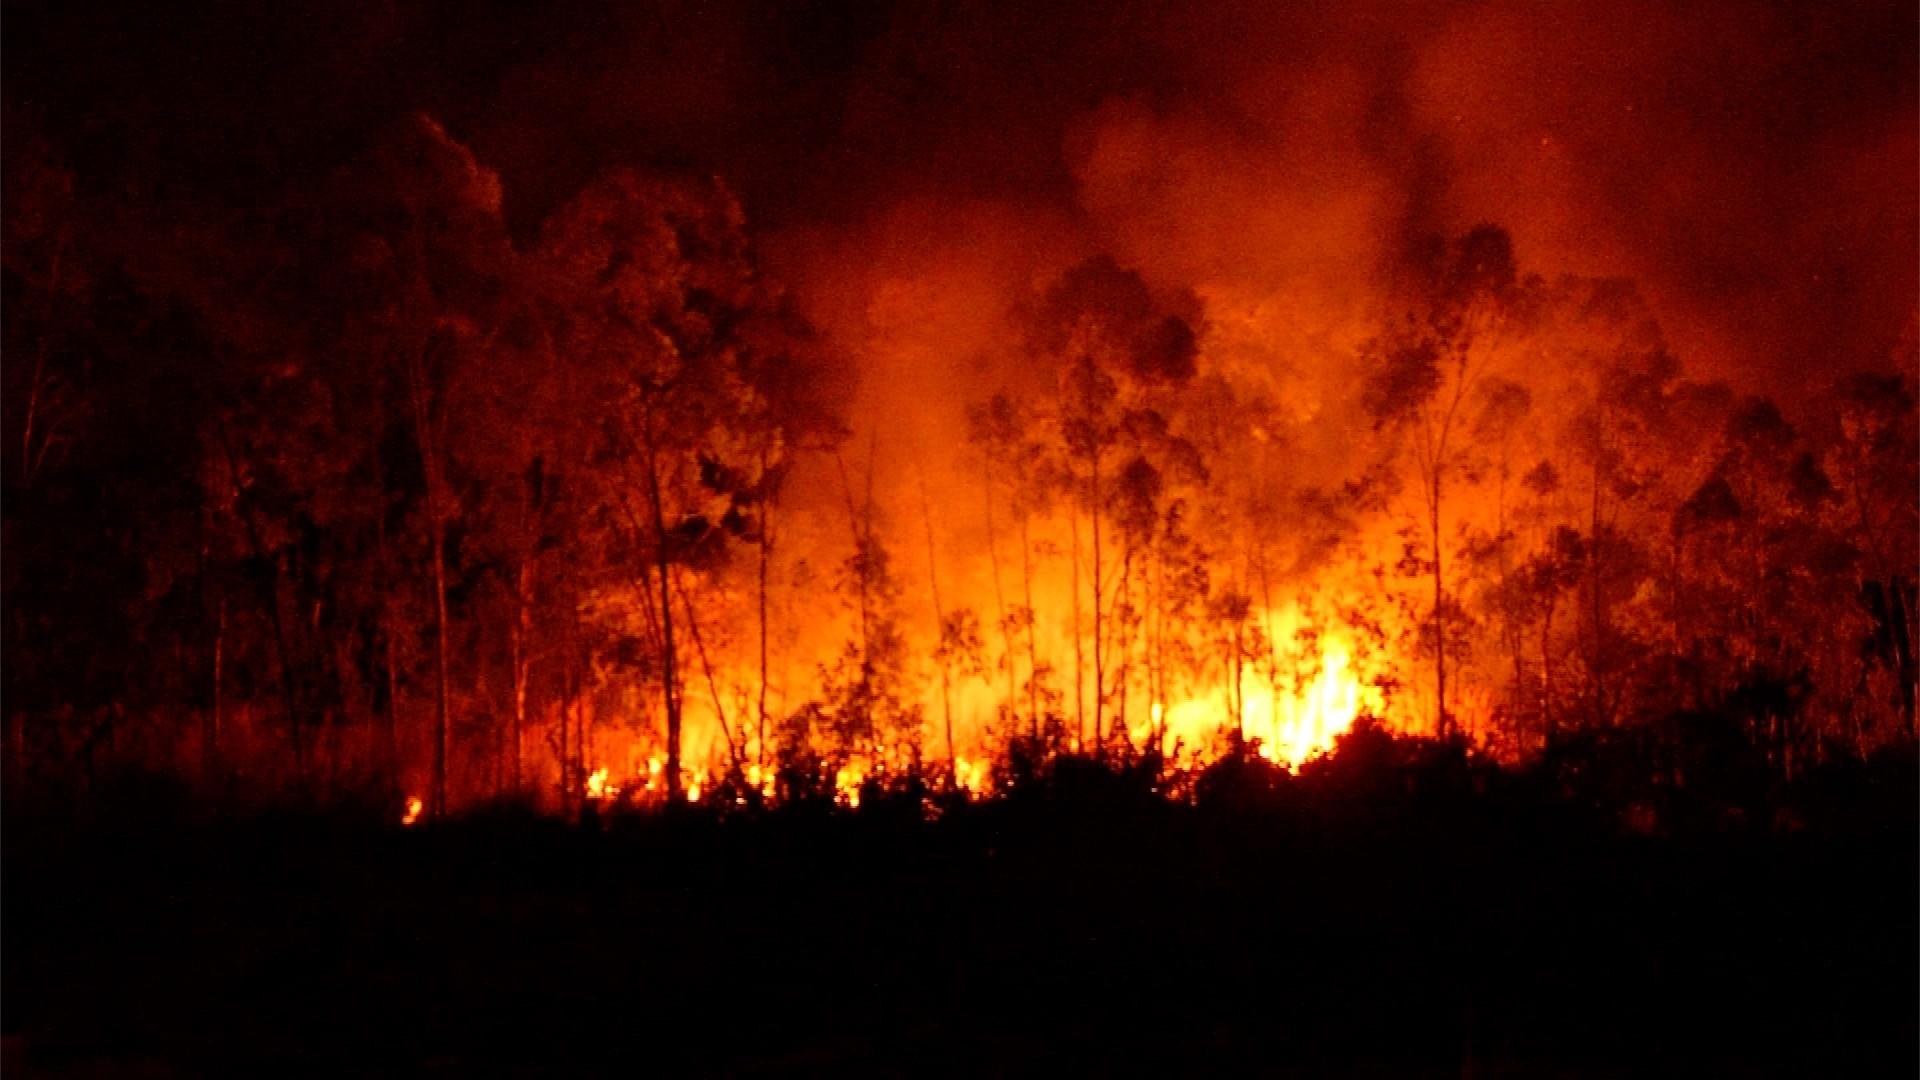 Incêndio atinge área verde próxima ao setor Bertaville em Palmas - Notícias - Plantão Diário